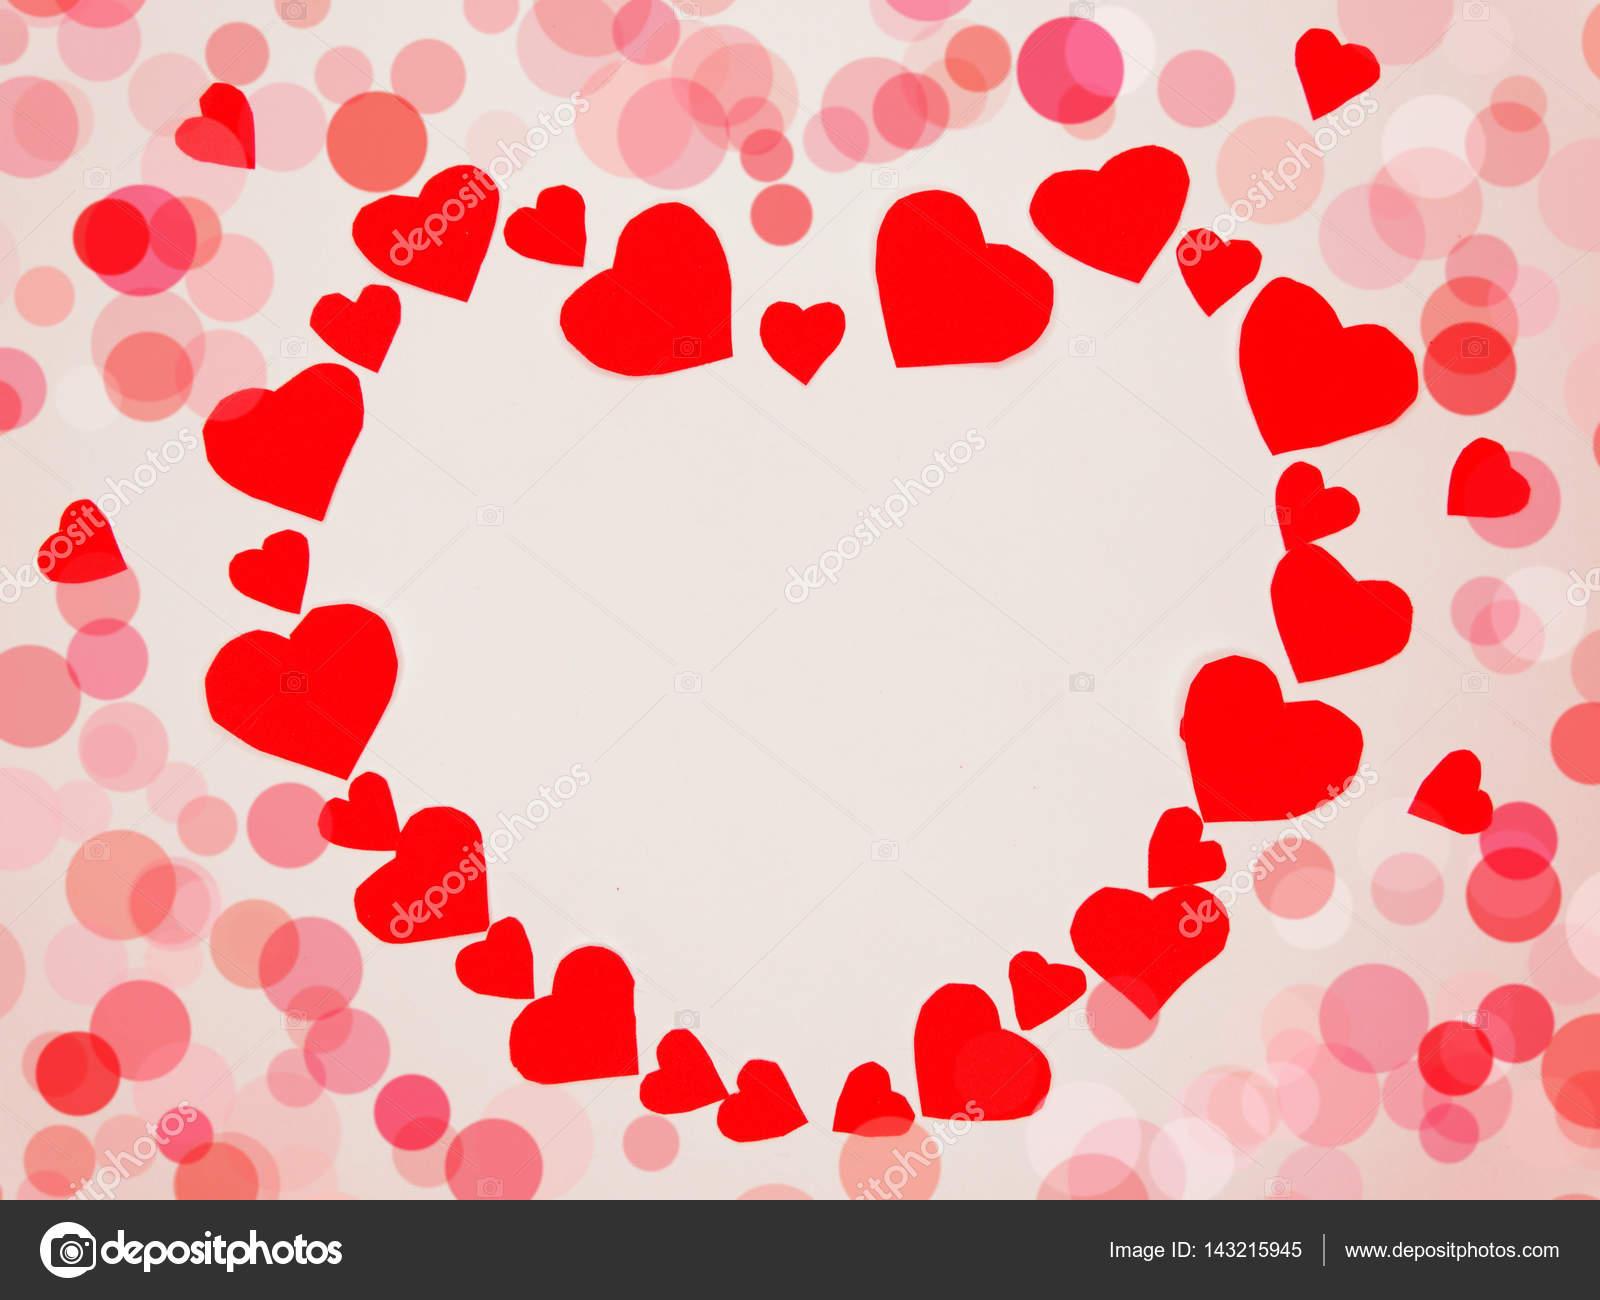 Cartao De Amor Para Photoshop: Cartão Do Dia Dos Namorados Amor Fundo Conceito De Férias